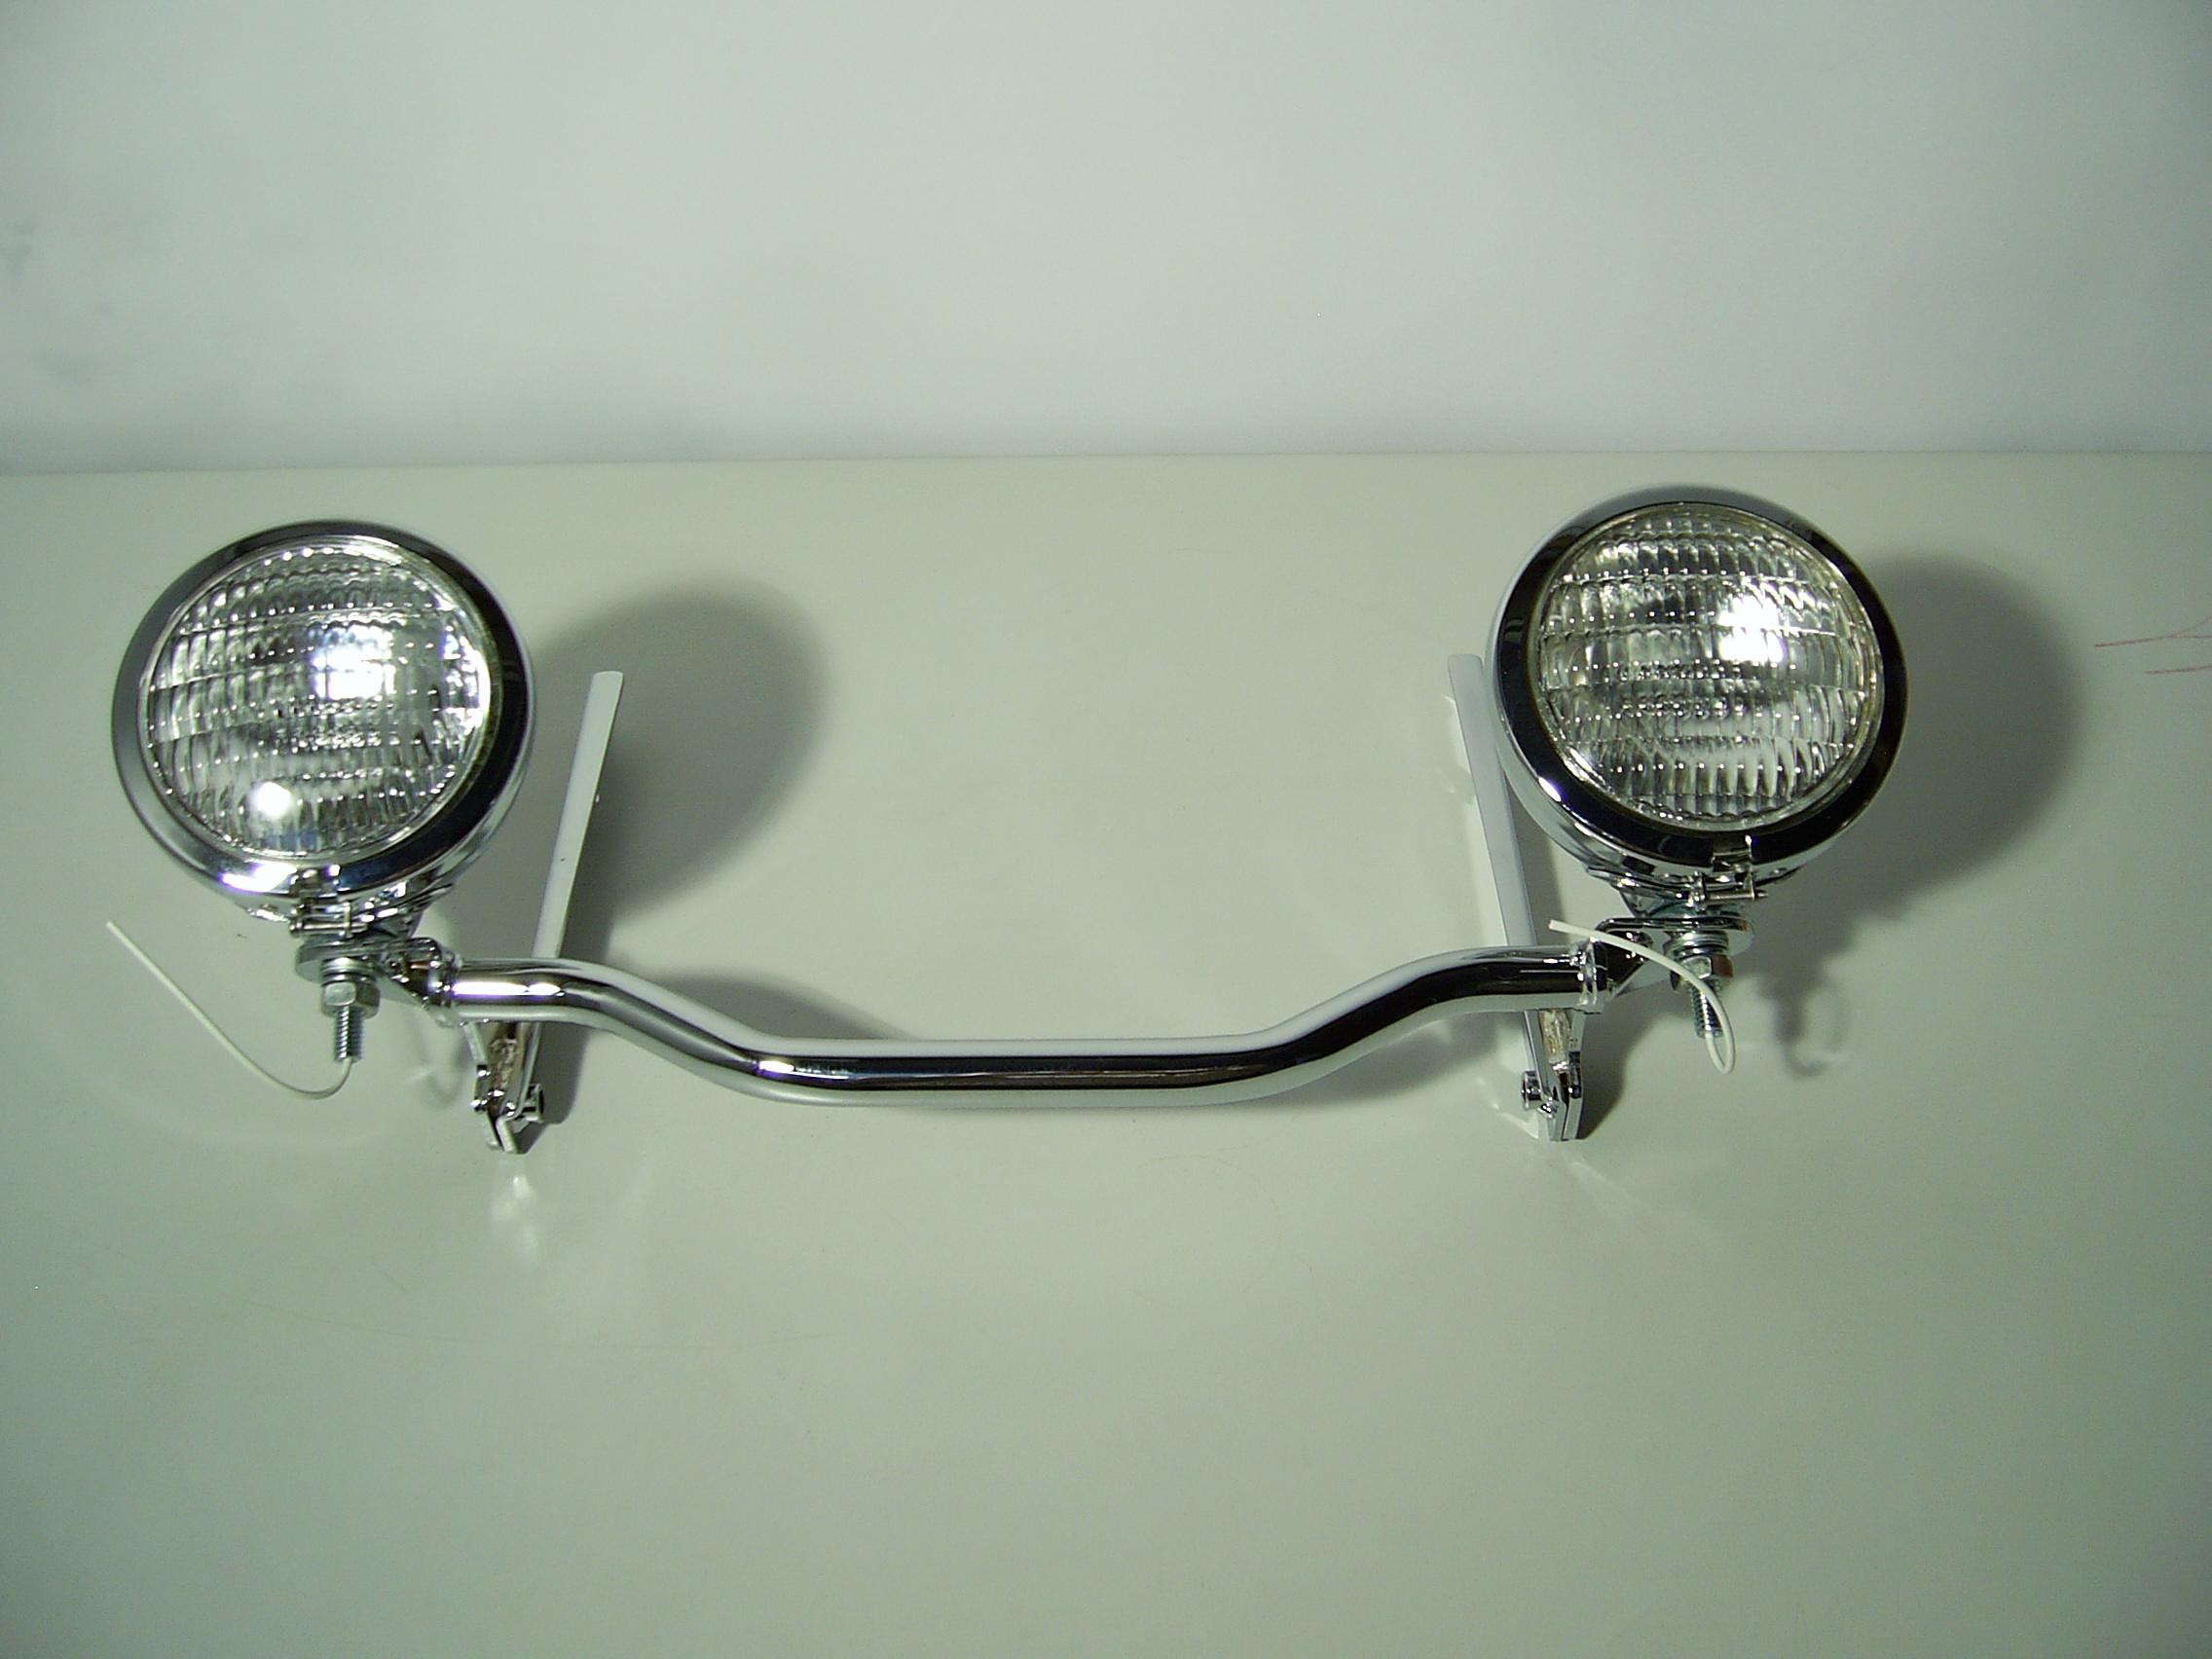 bikeparts p schl hauptscheinwerfer blinker r cklicht. Black Bedroom Furniture Sets. Home Design Ideas